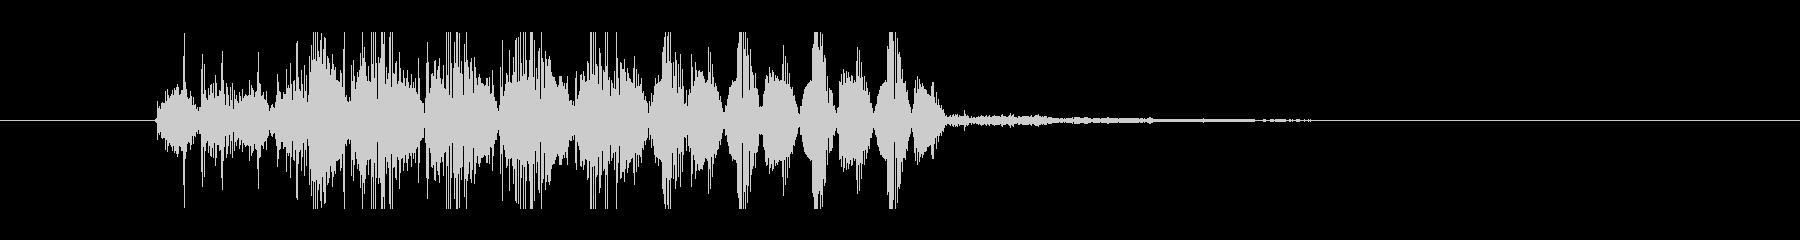 ジリジリした不快感のあるノイズ音の未再生の波形